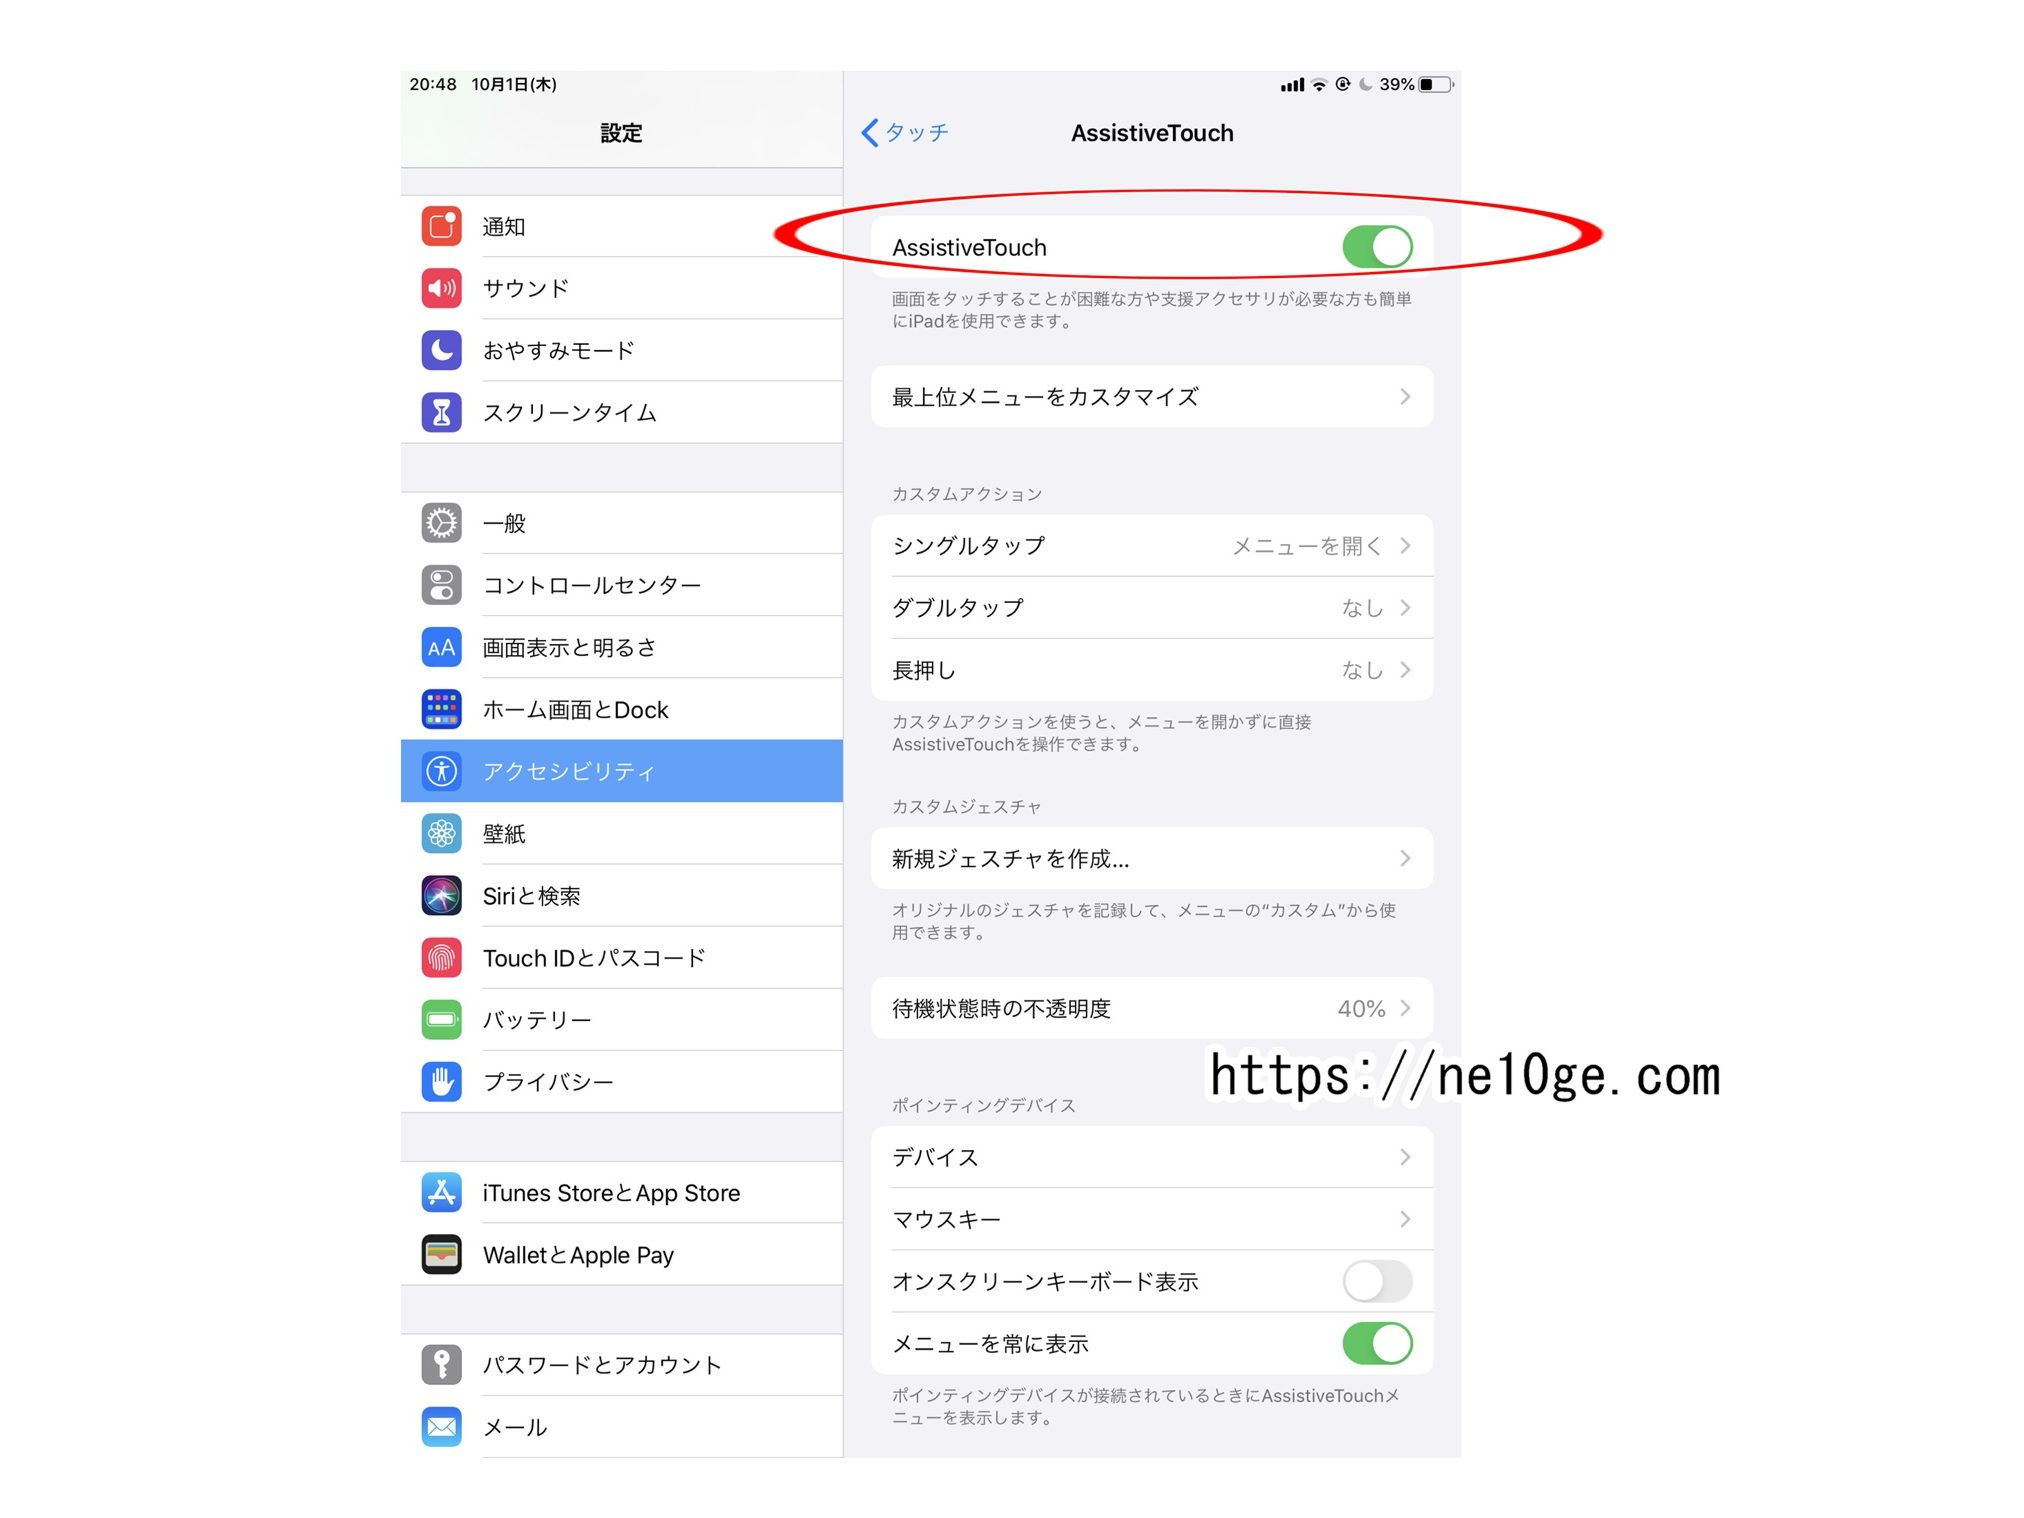 iPhoneやiPadでAssistiveTouchボタンがオン・ONになっているかどうか確認する